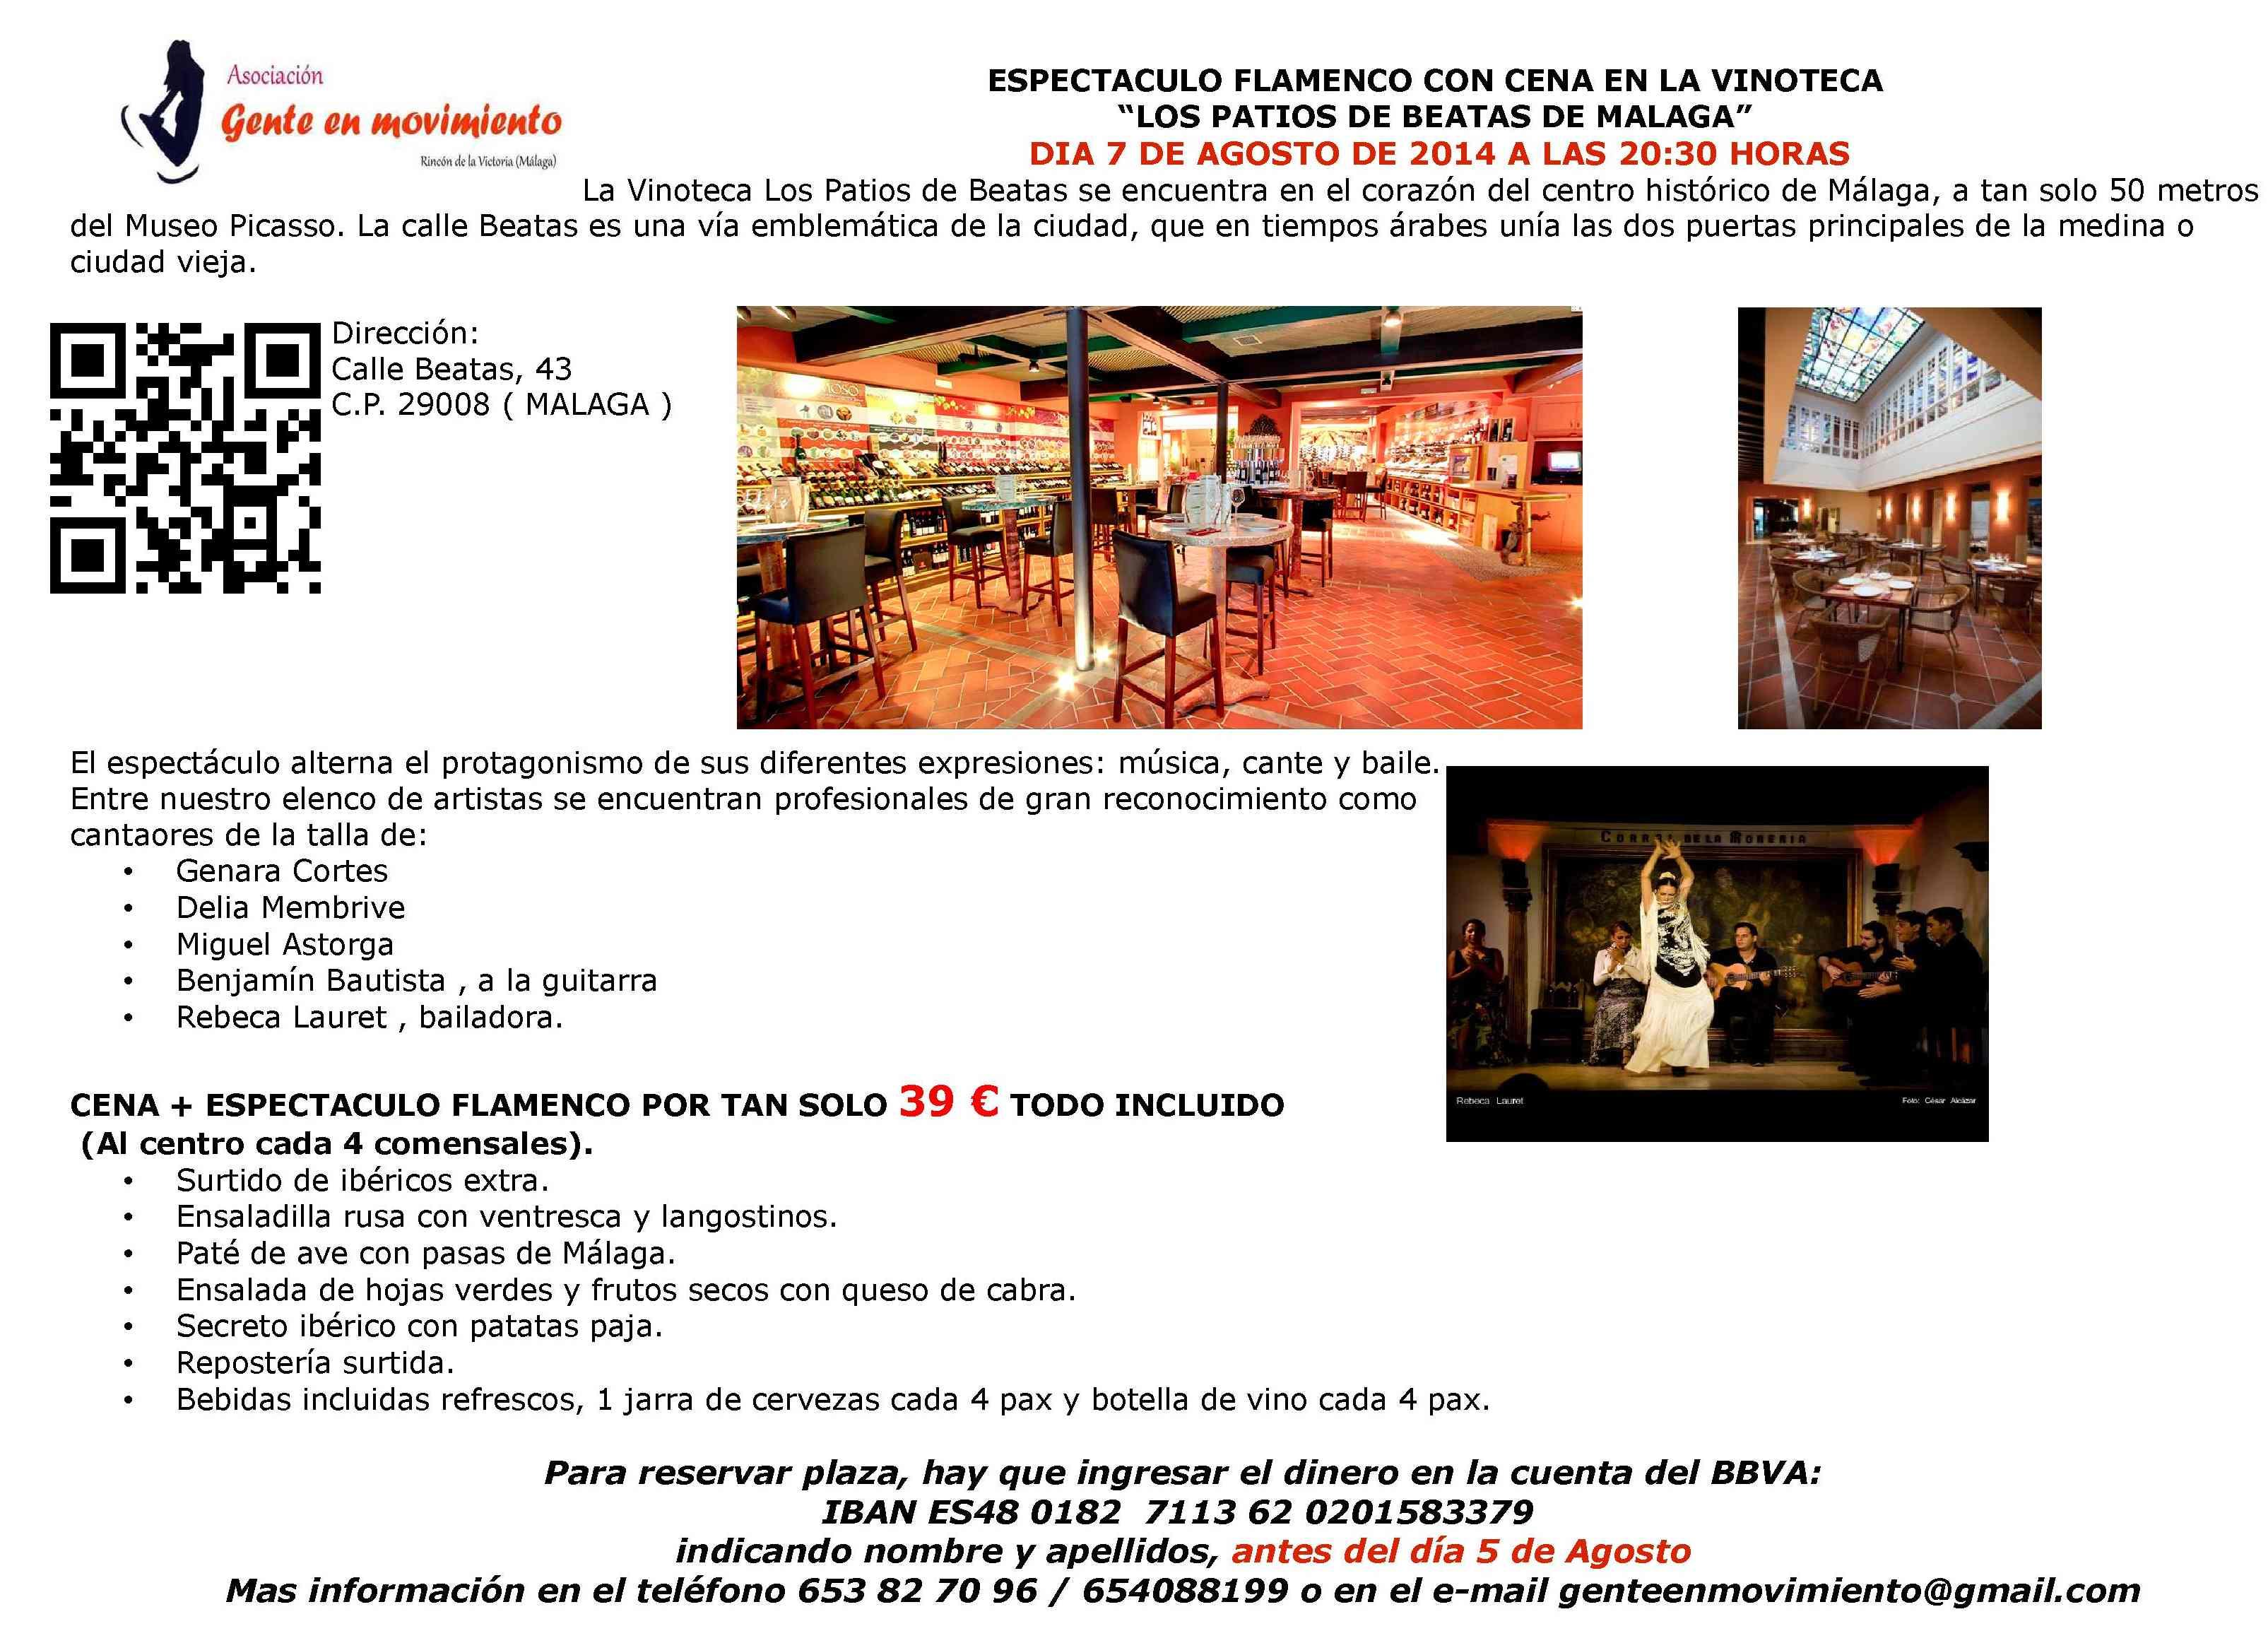 Contactos paja 10 euros en Málaga-6